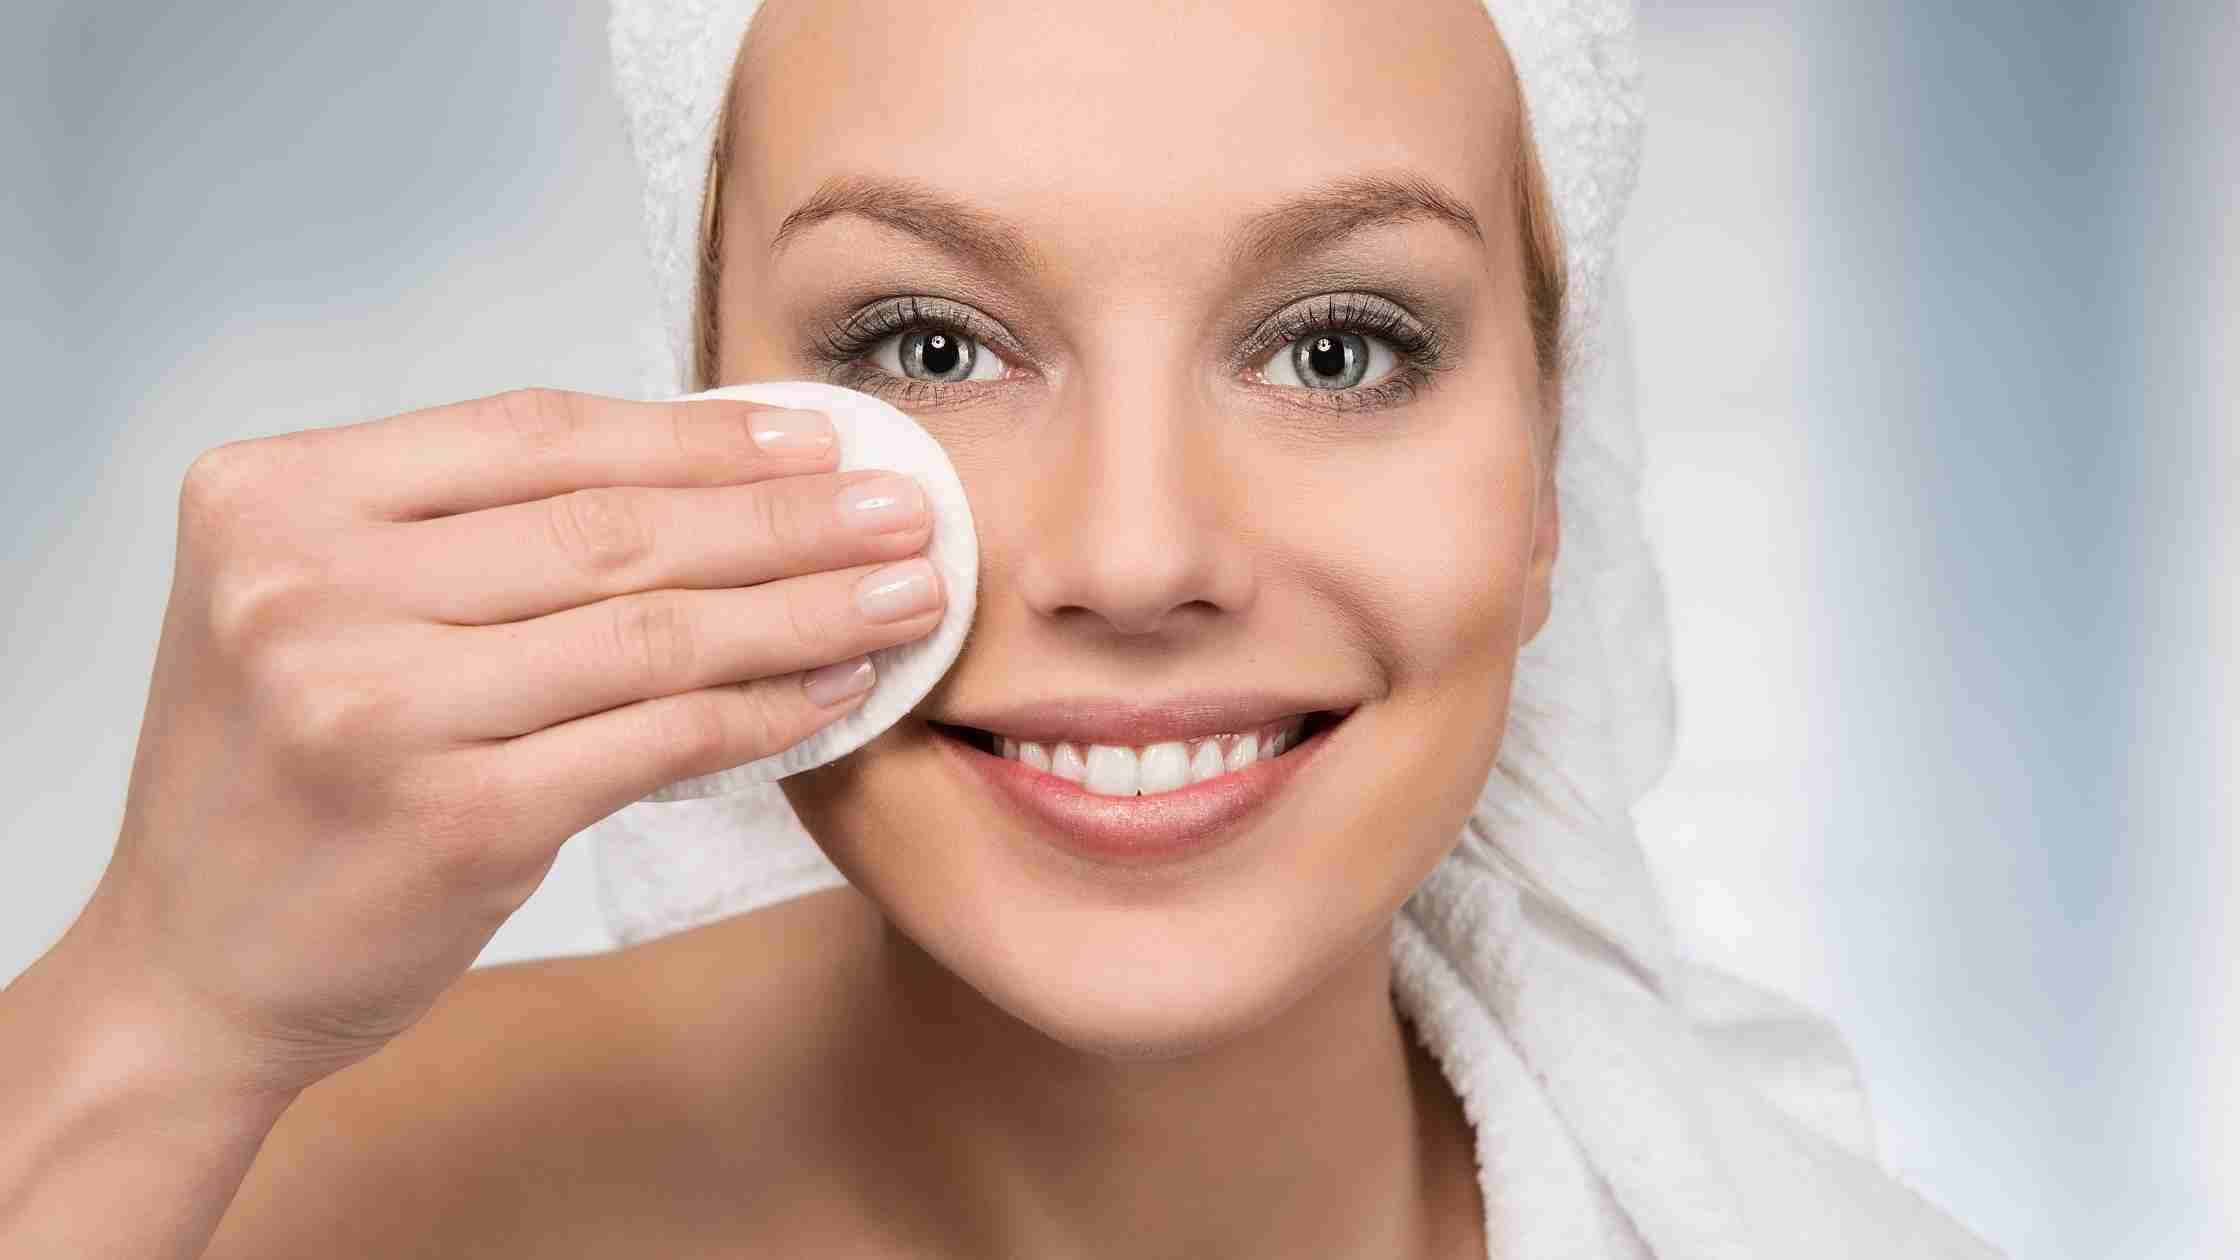 Občutljiva koža – 7 uporabnih nasvetov za zelo občutljivo kožo